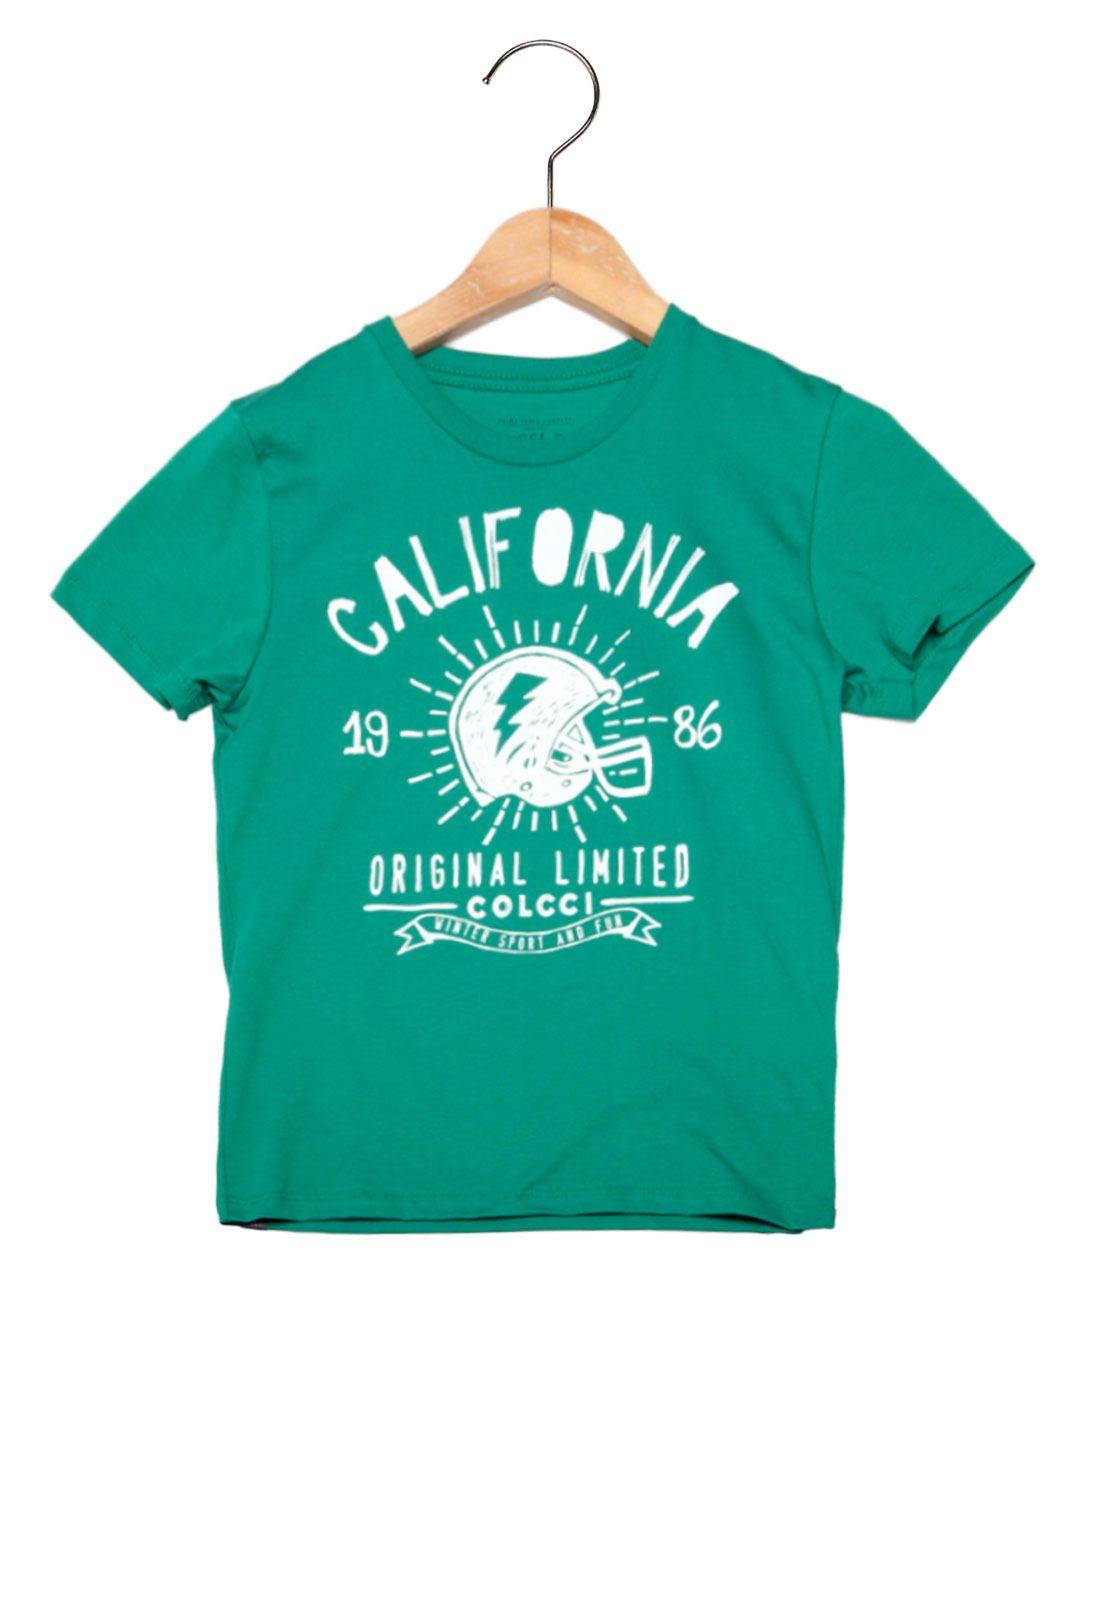 5a303e33d Camiseta Manga Curta Colcci Fun Limited Infantil Verde - Marca Colcci Fun  Manga, Diversão